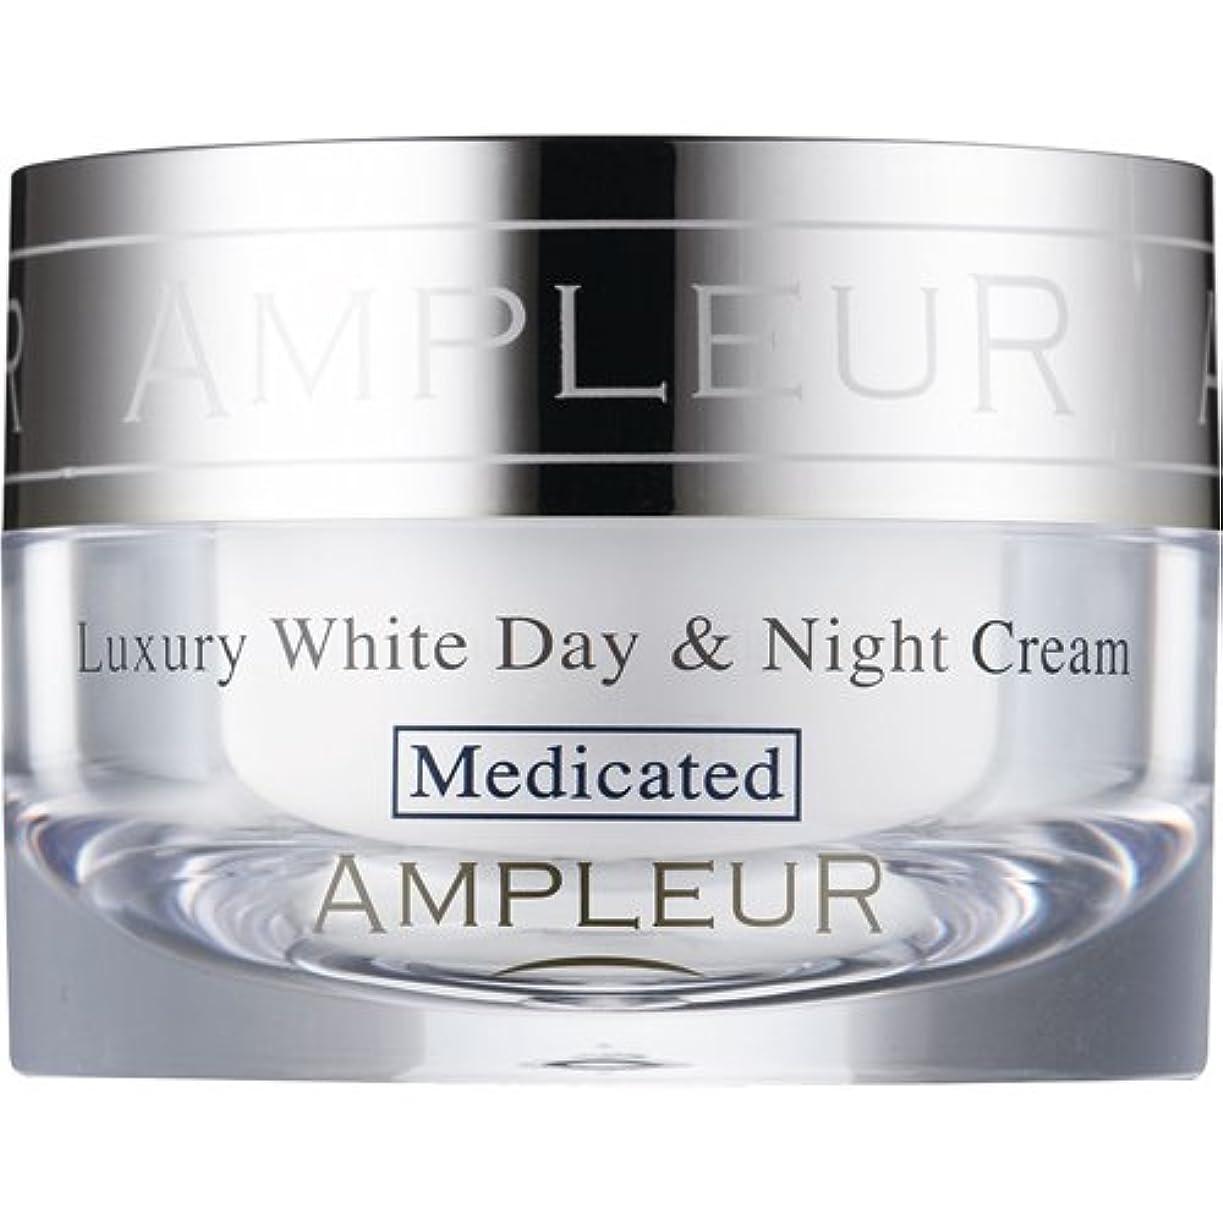 学者評論家付与AMPLEUR(アンプルール) ラグジュアリーホワイト 薬用デイ&ナイトクリーム 30g